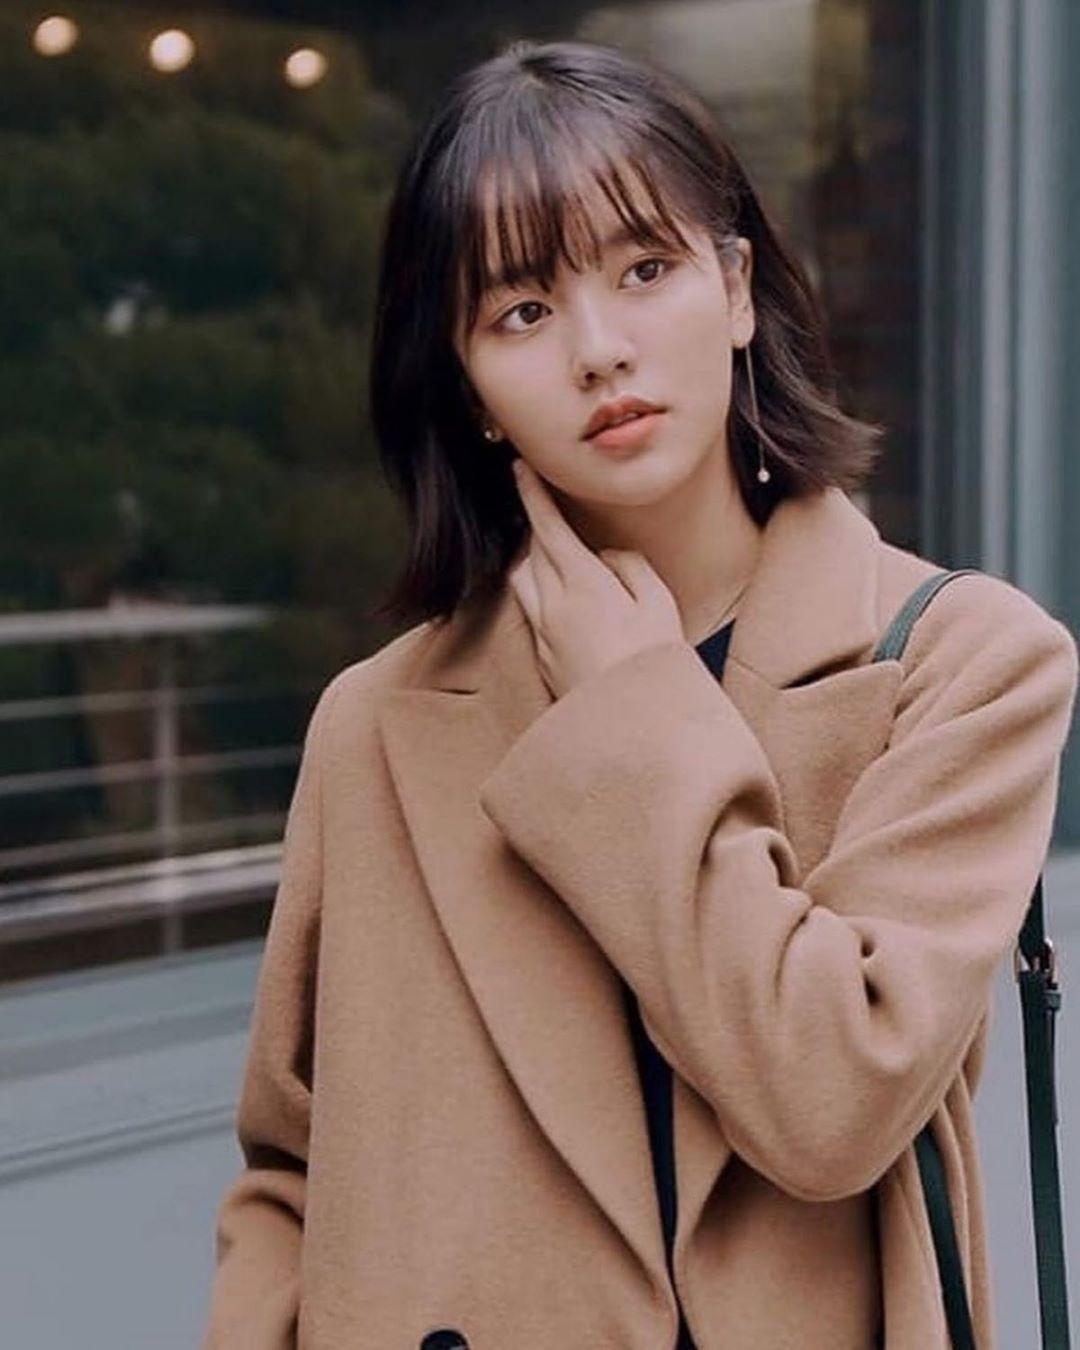 韩国网友票选《有史以来最美韩国女演员》,全智贤居然没进前10名!插图(9)